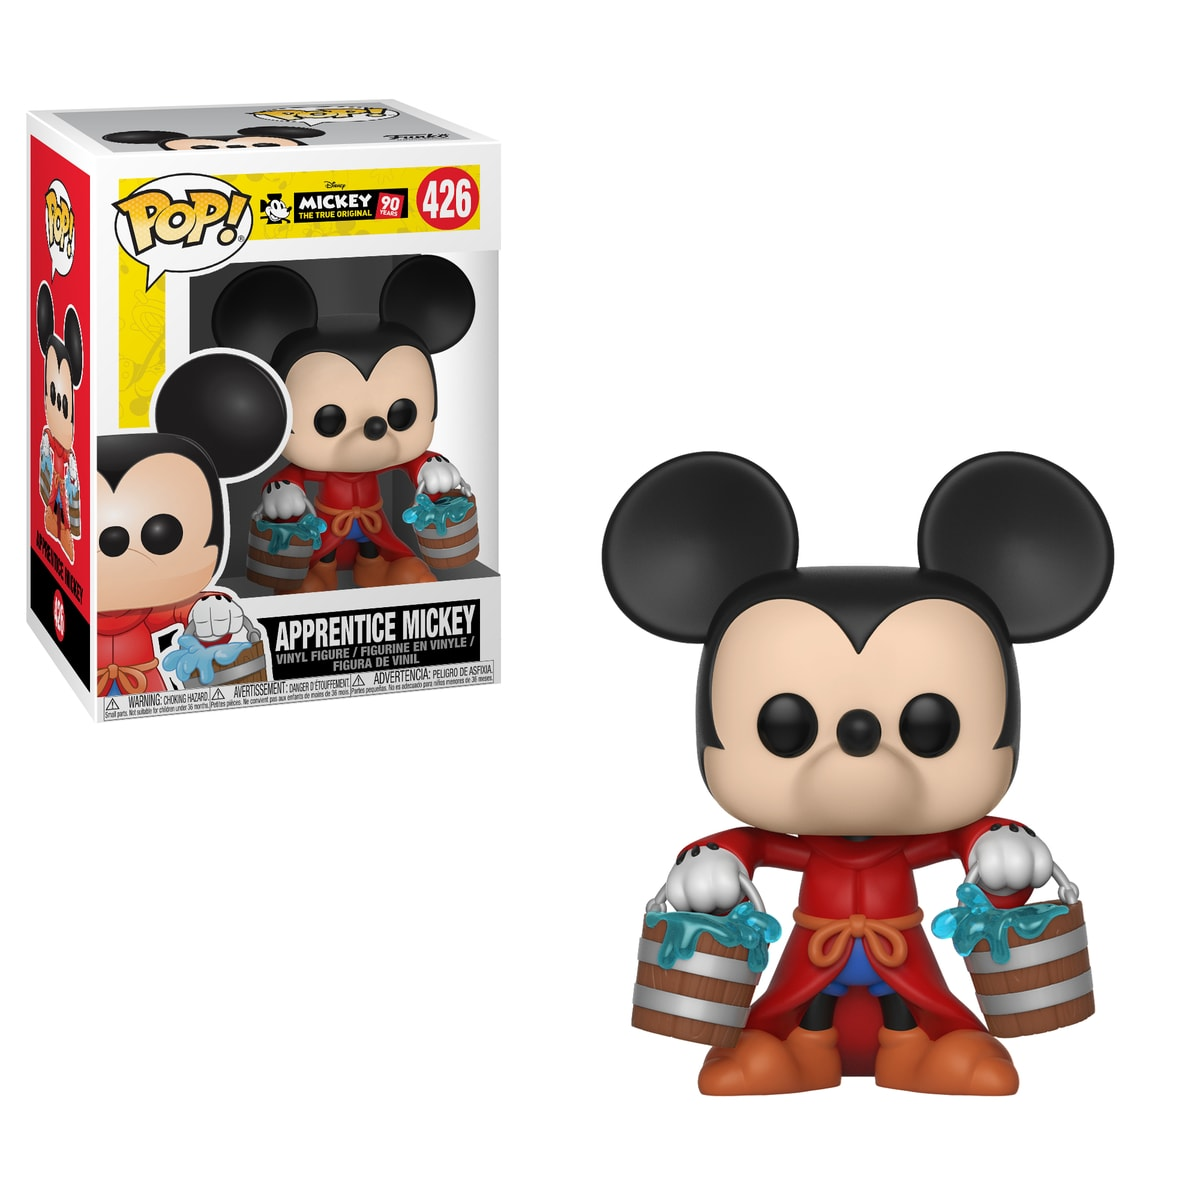 Funko POP Disney: Mickey's 90th Anniversary - Apprentice Mickey